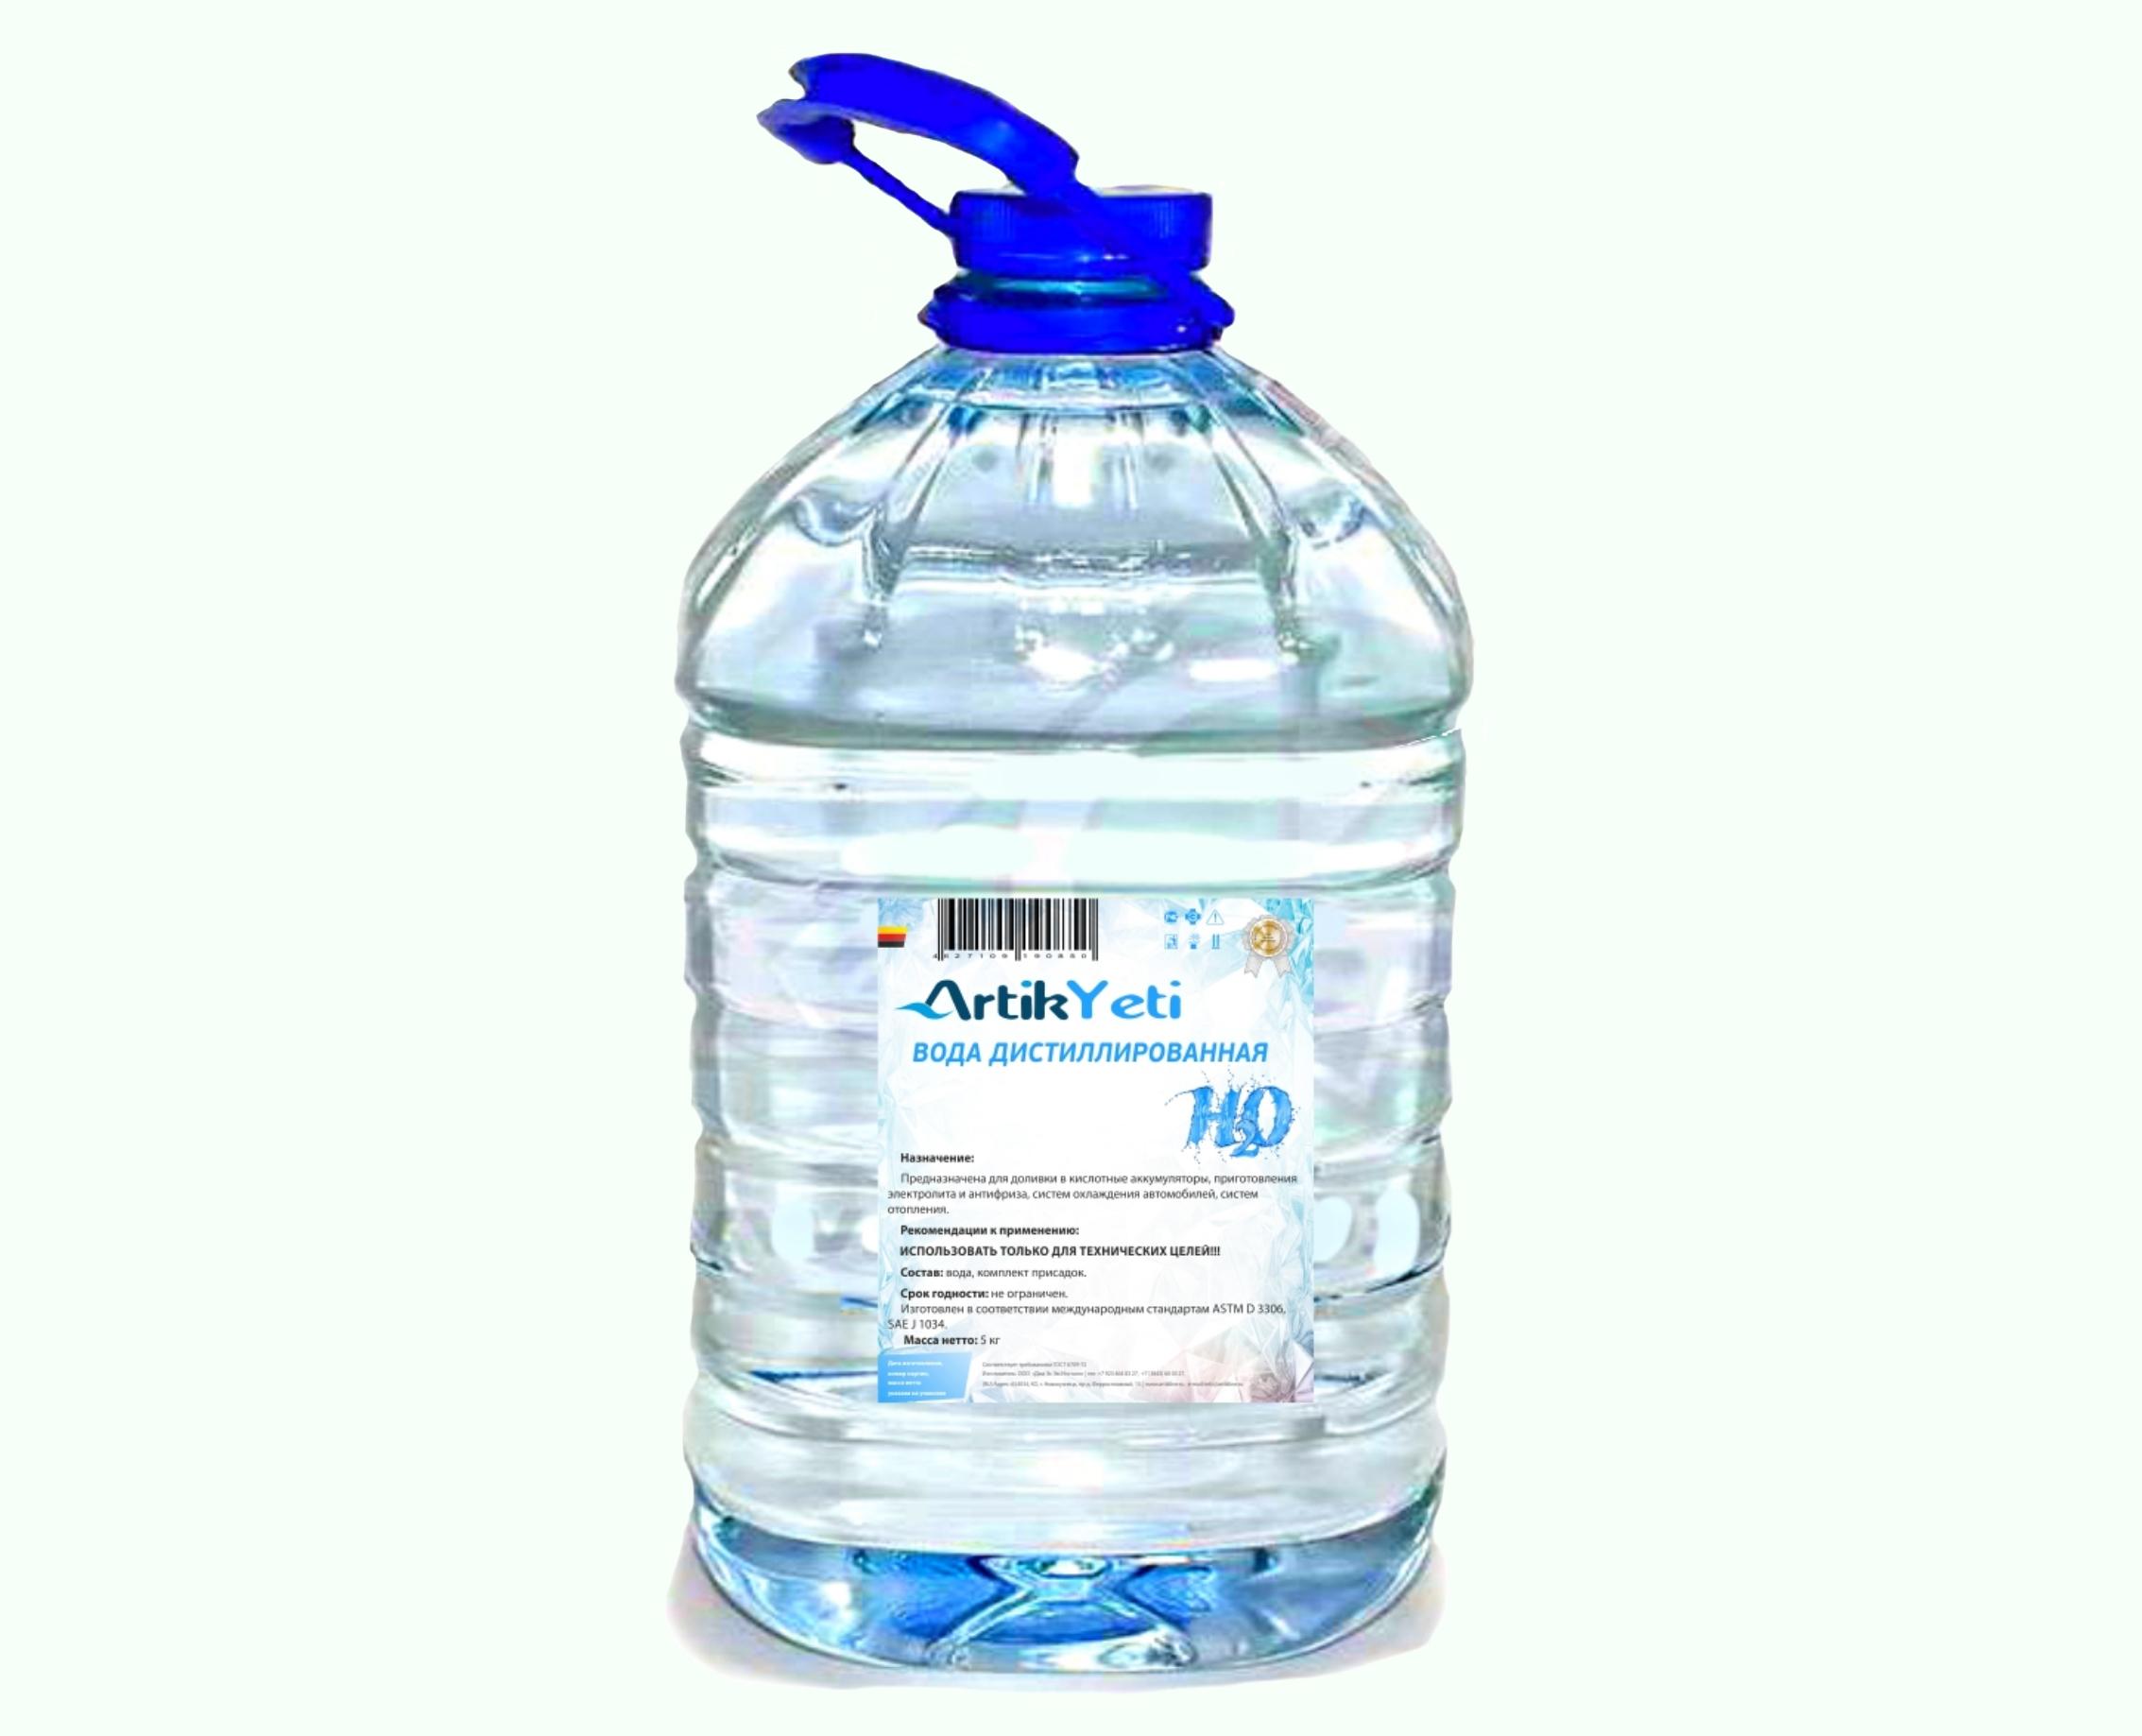 Дистиллированная вода — это вода, почти полностью очищенная от разнообразных примесей и дополнительных элементов